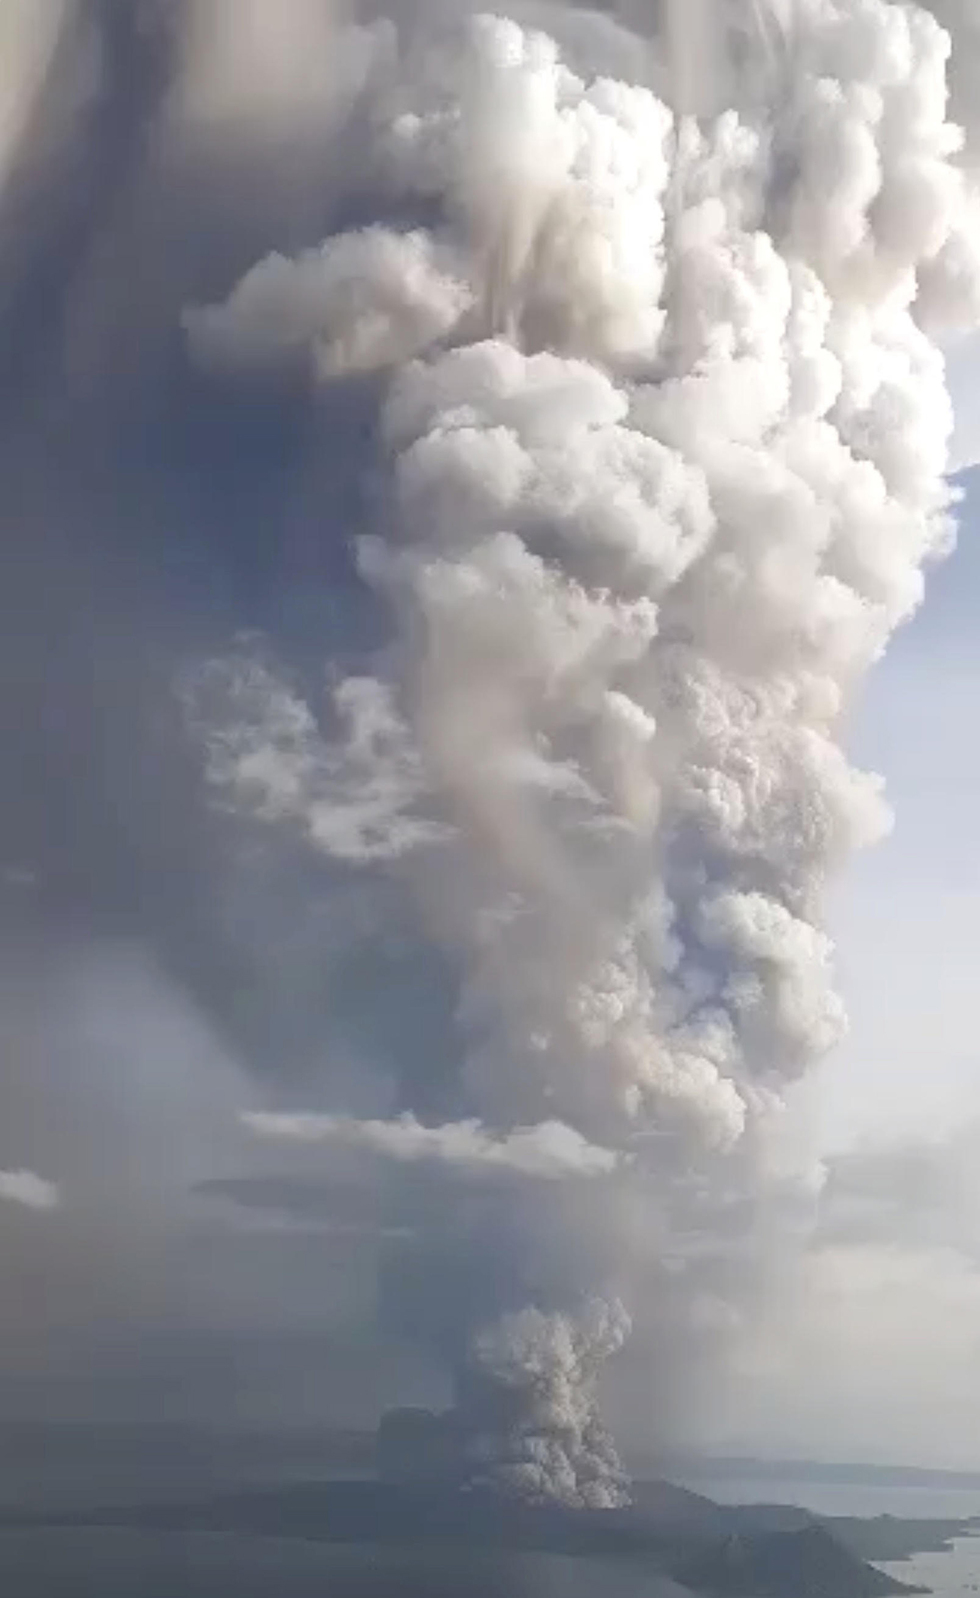 התפרצות הר געש טאאל  (צילום: רויטרס)